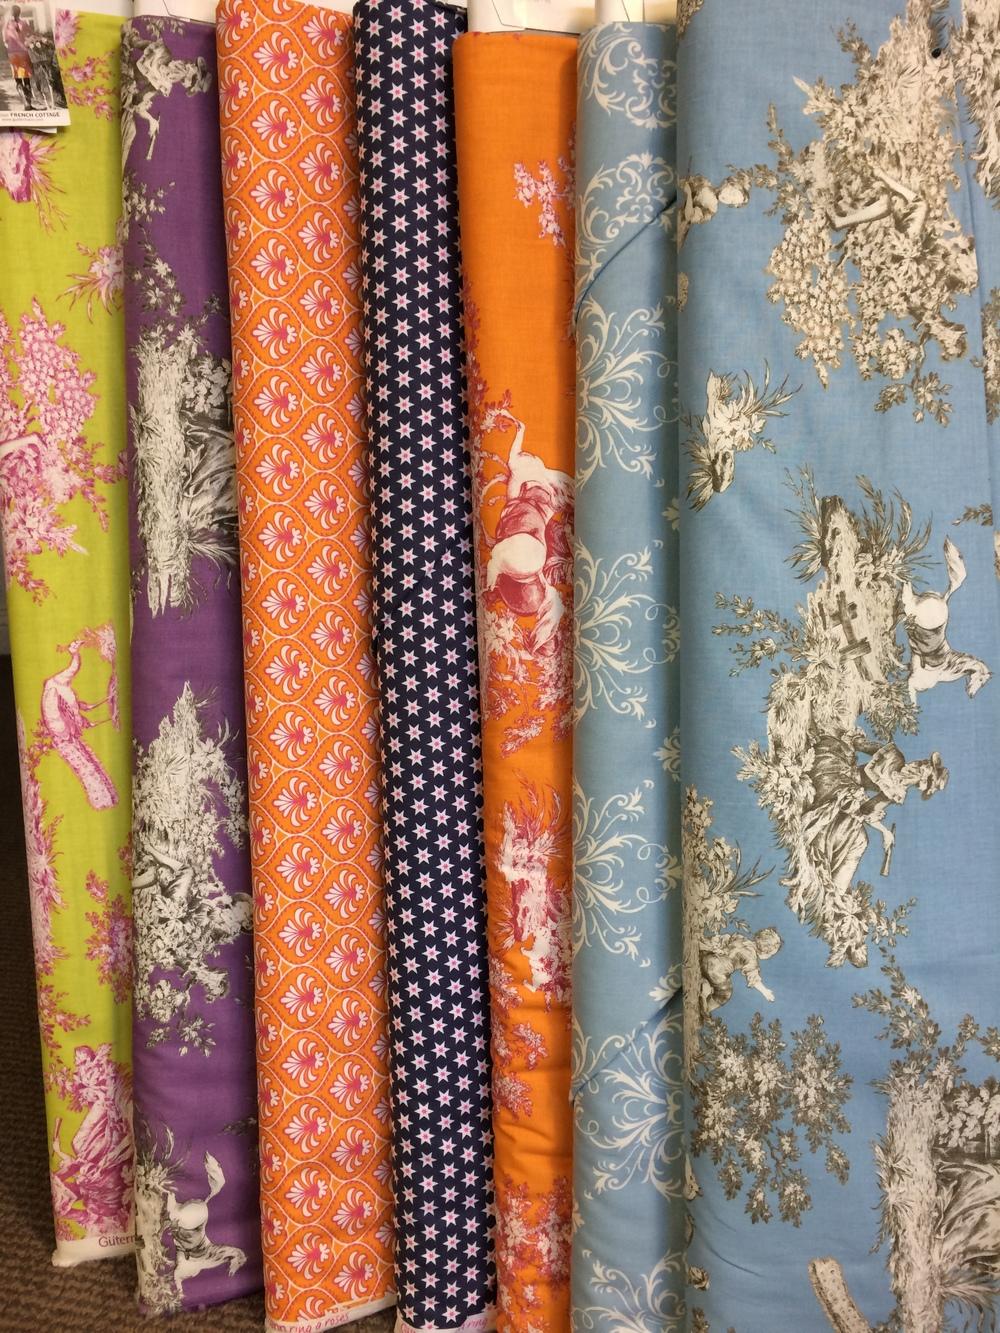 Gütermann fabrics